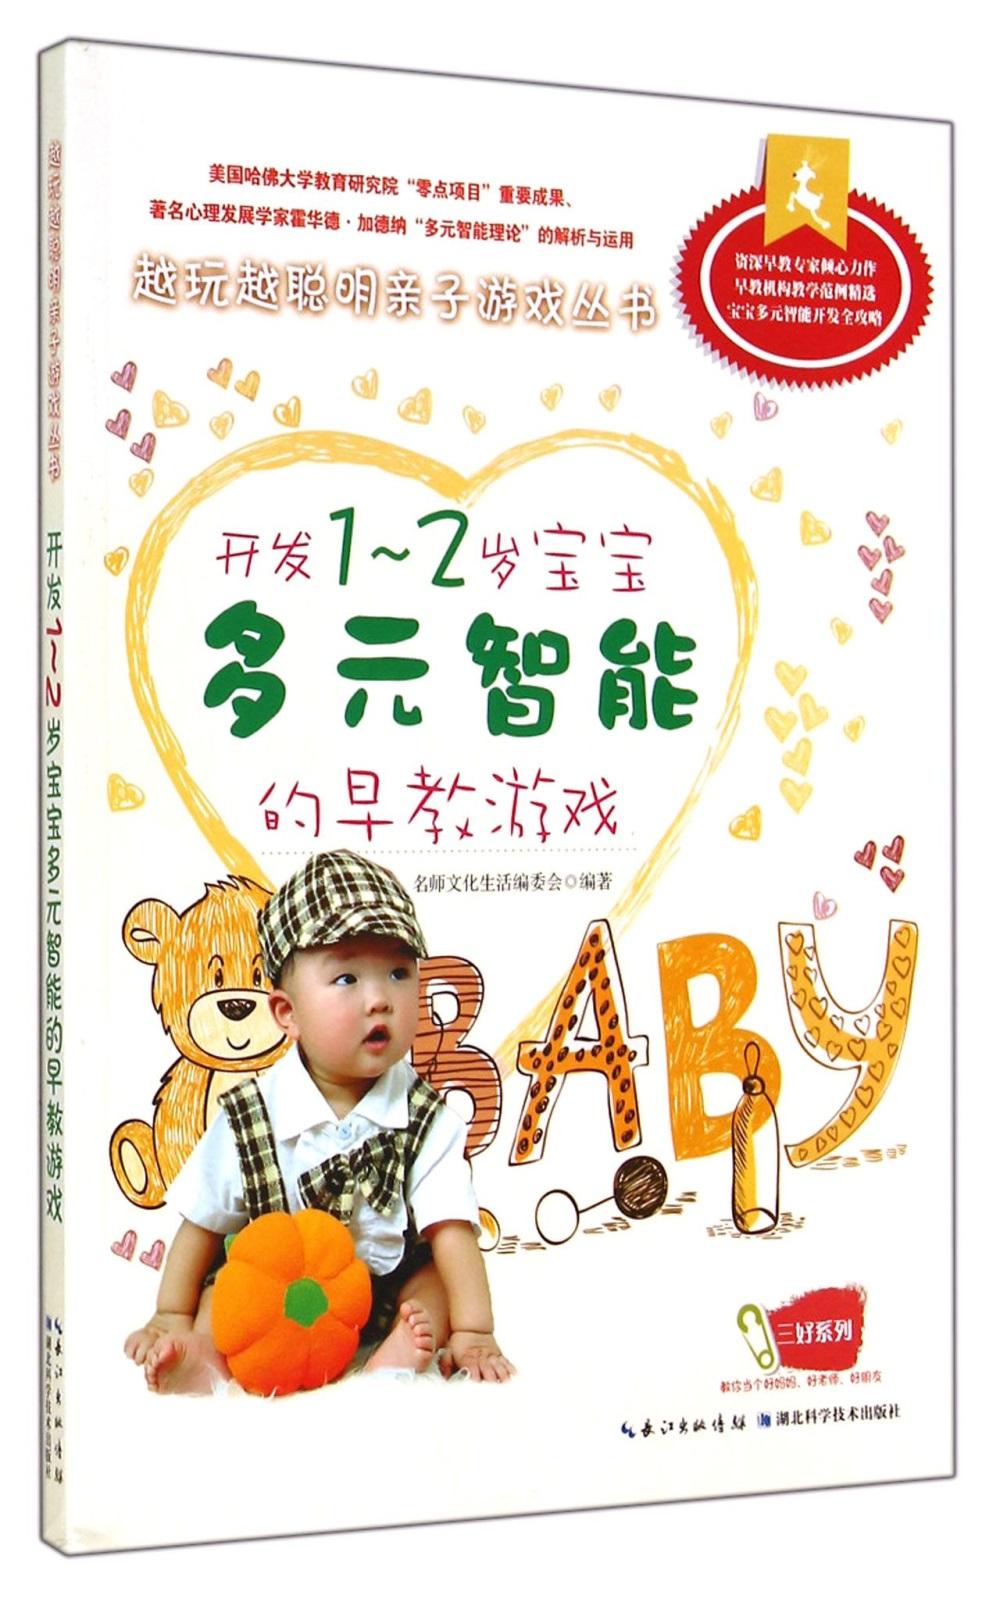 越玩越聰明親子游戲叢書:開發1^~2歲寶寶多元智能的早教游戲